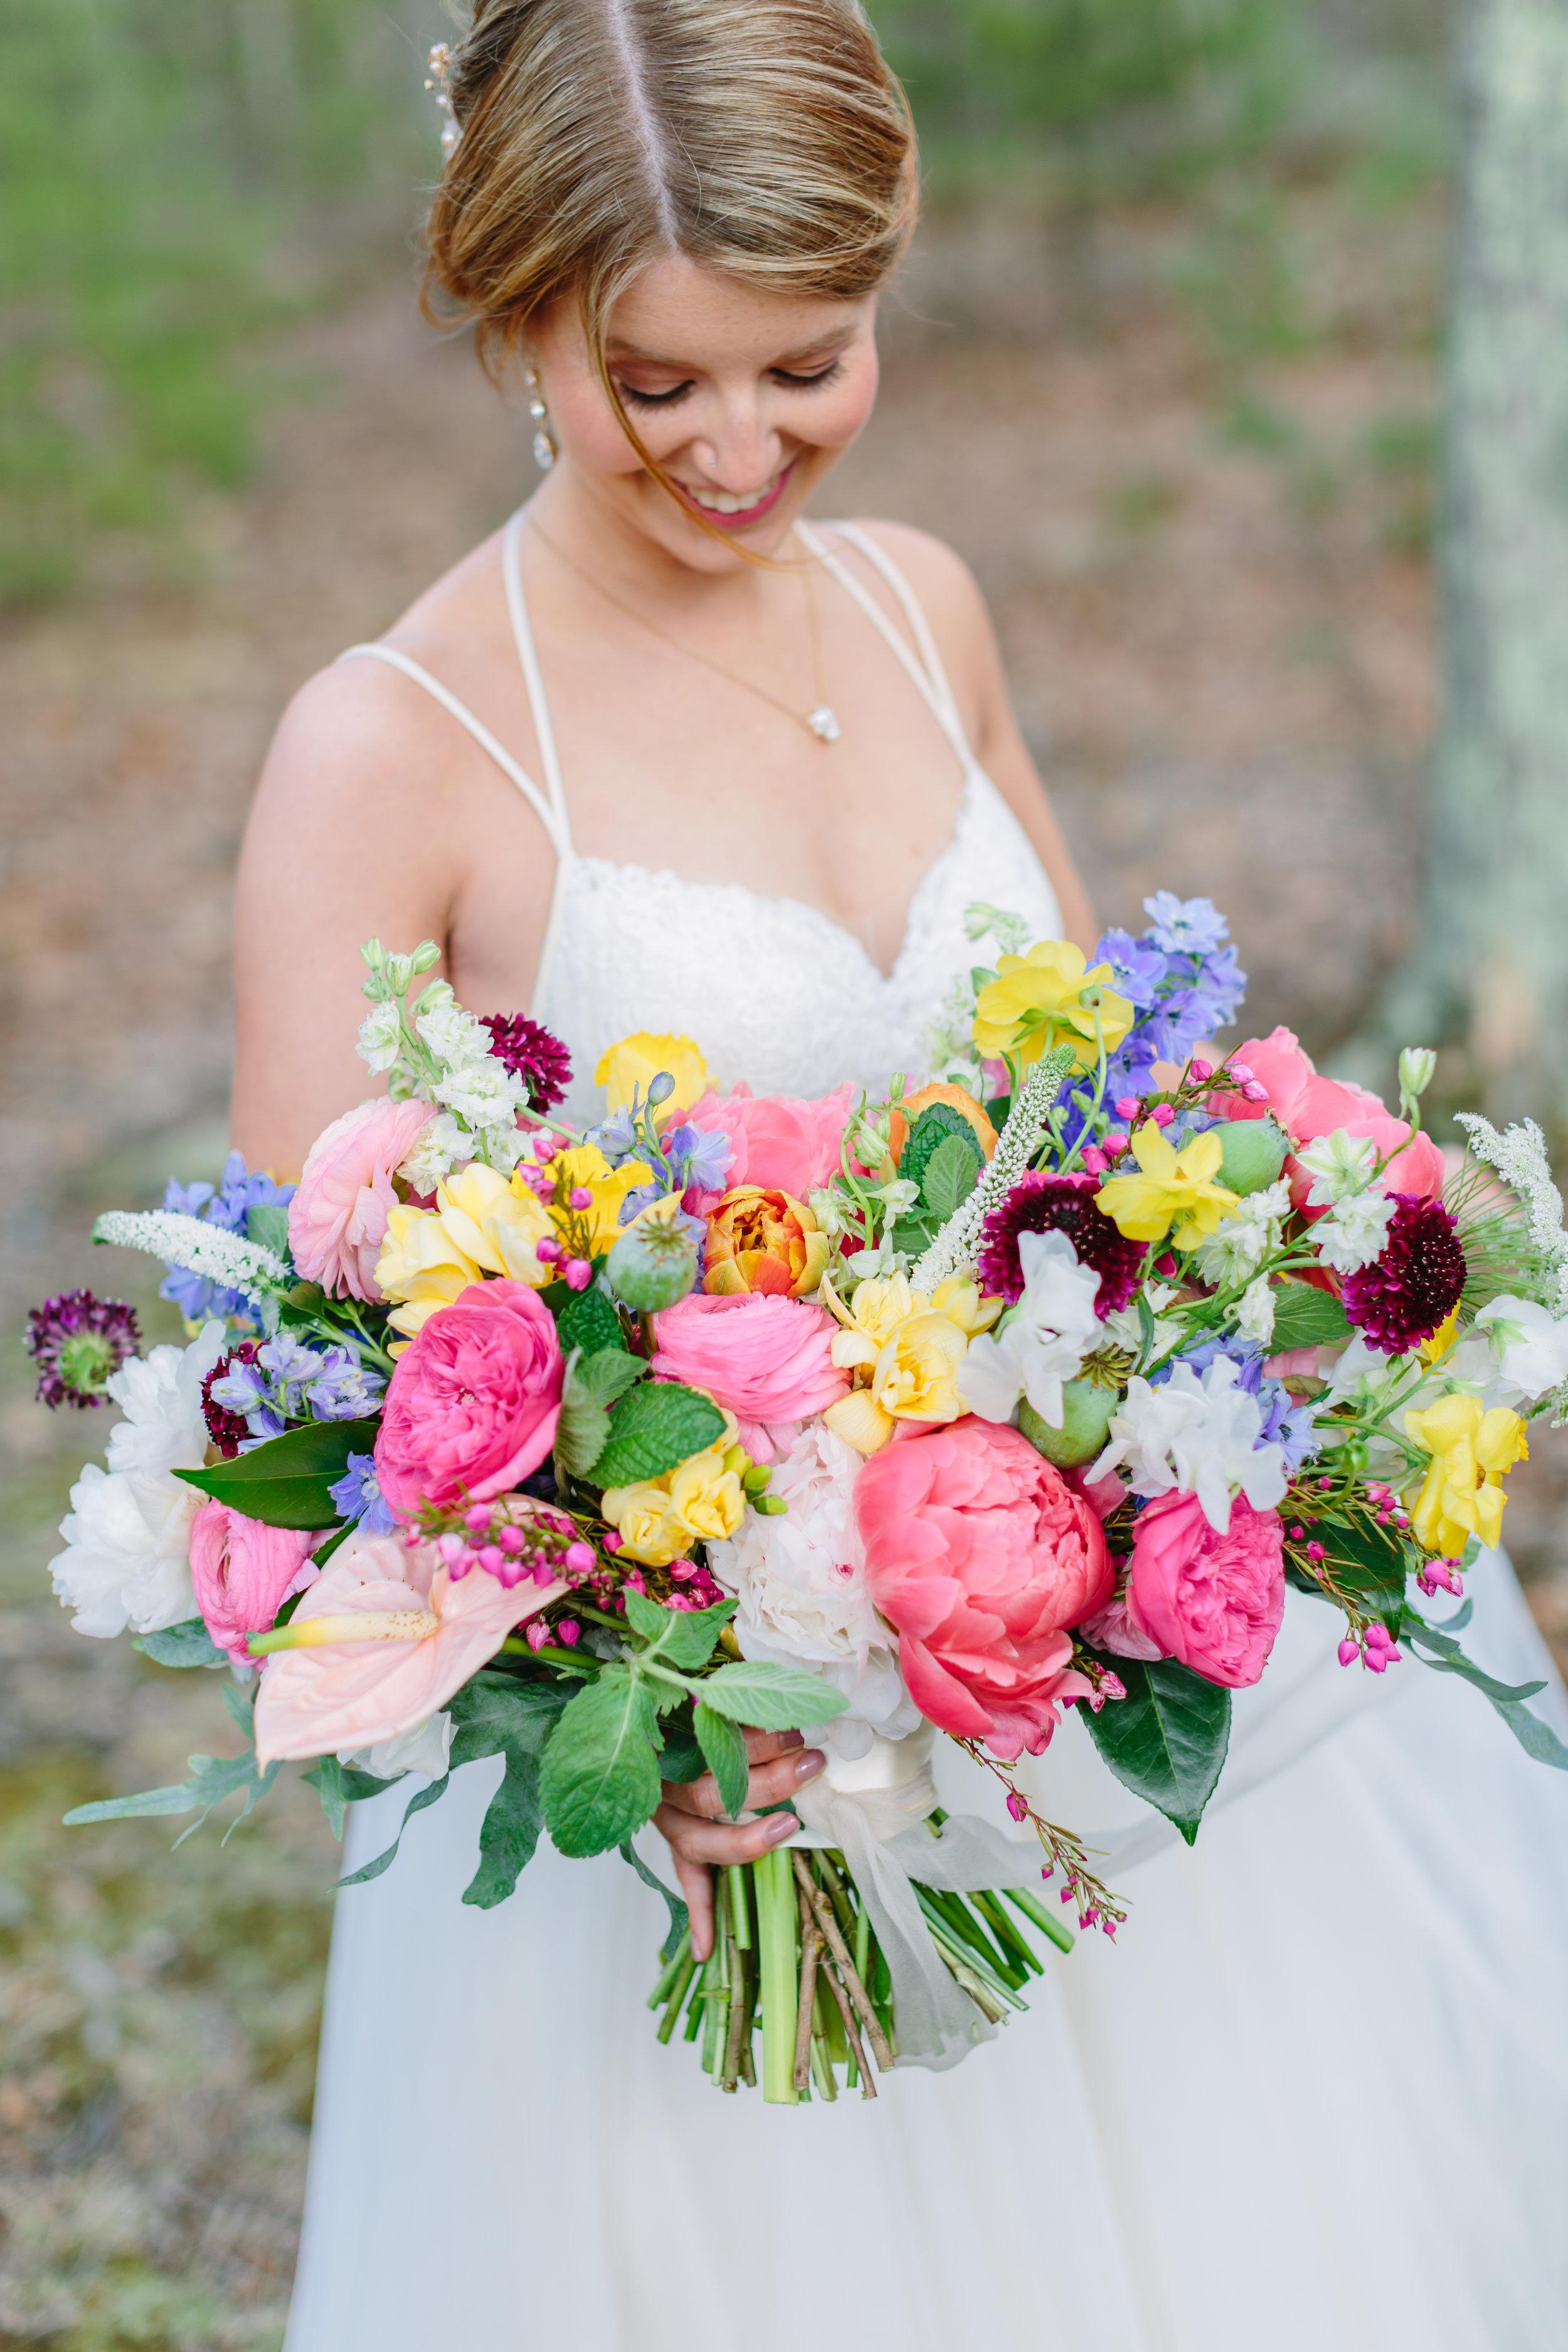 bright_floral_wedding_bouquet.jpg